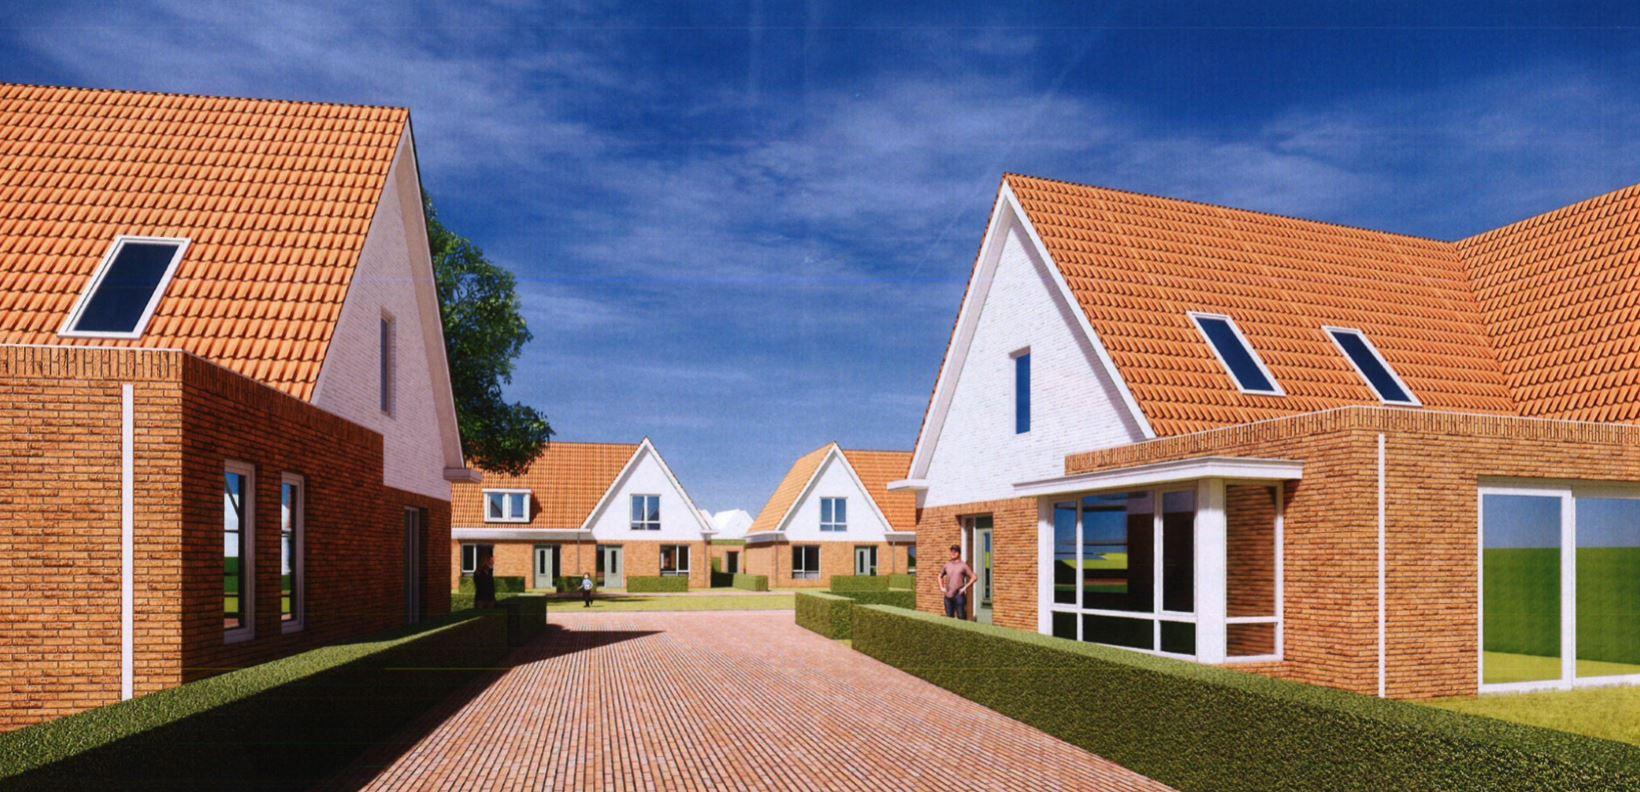 Gewijzigd plan AZS-locatie Schoonhoven